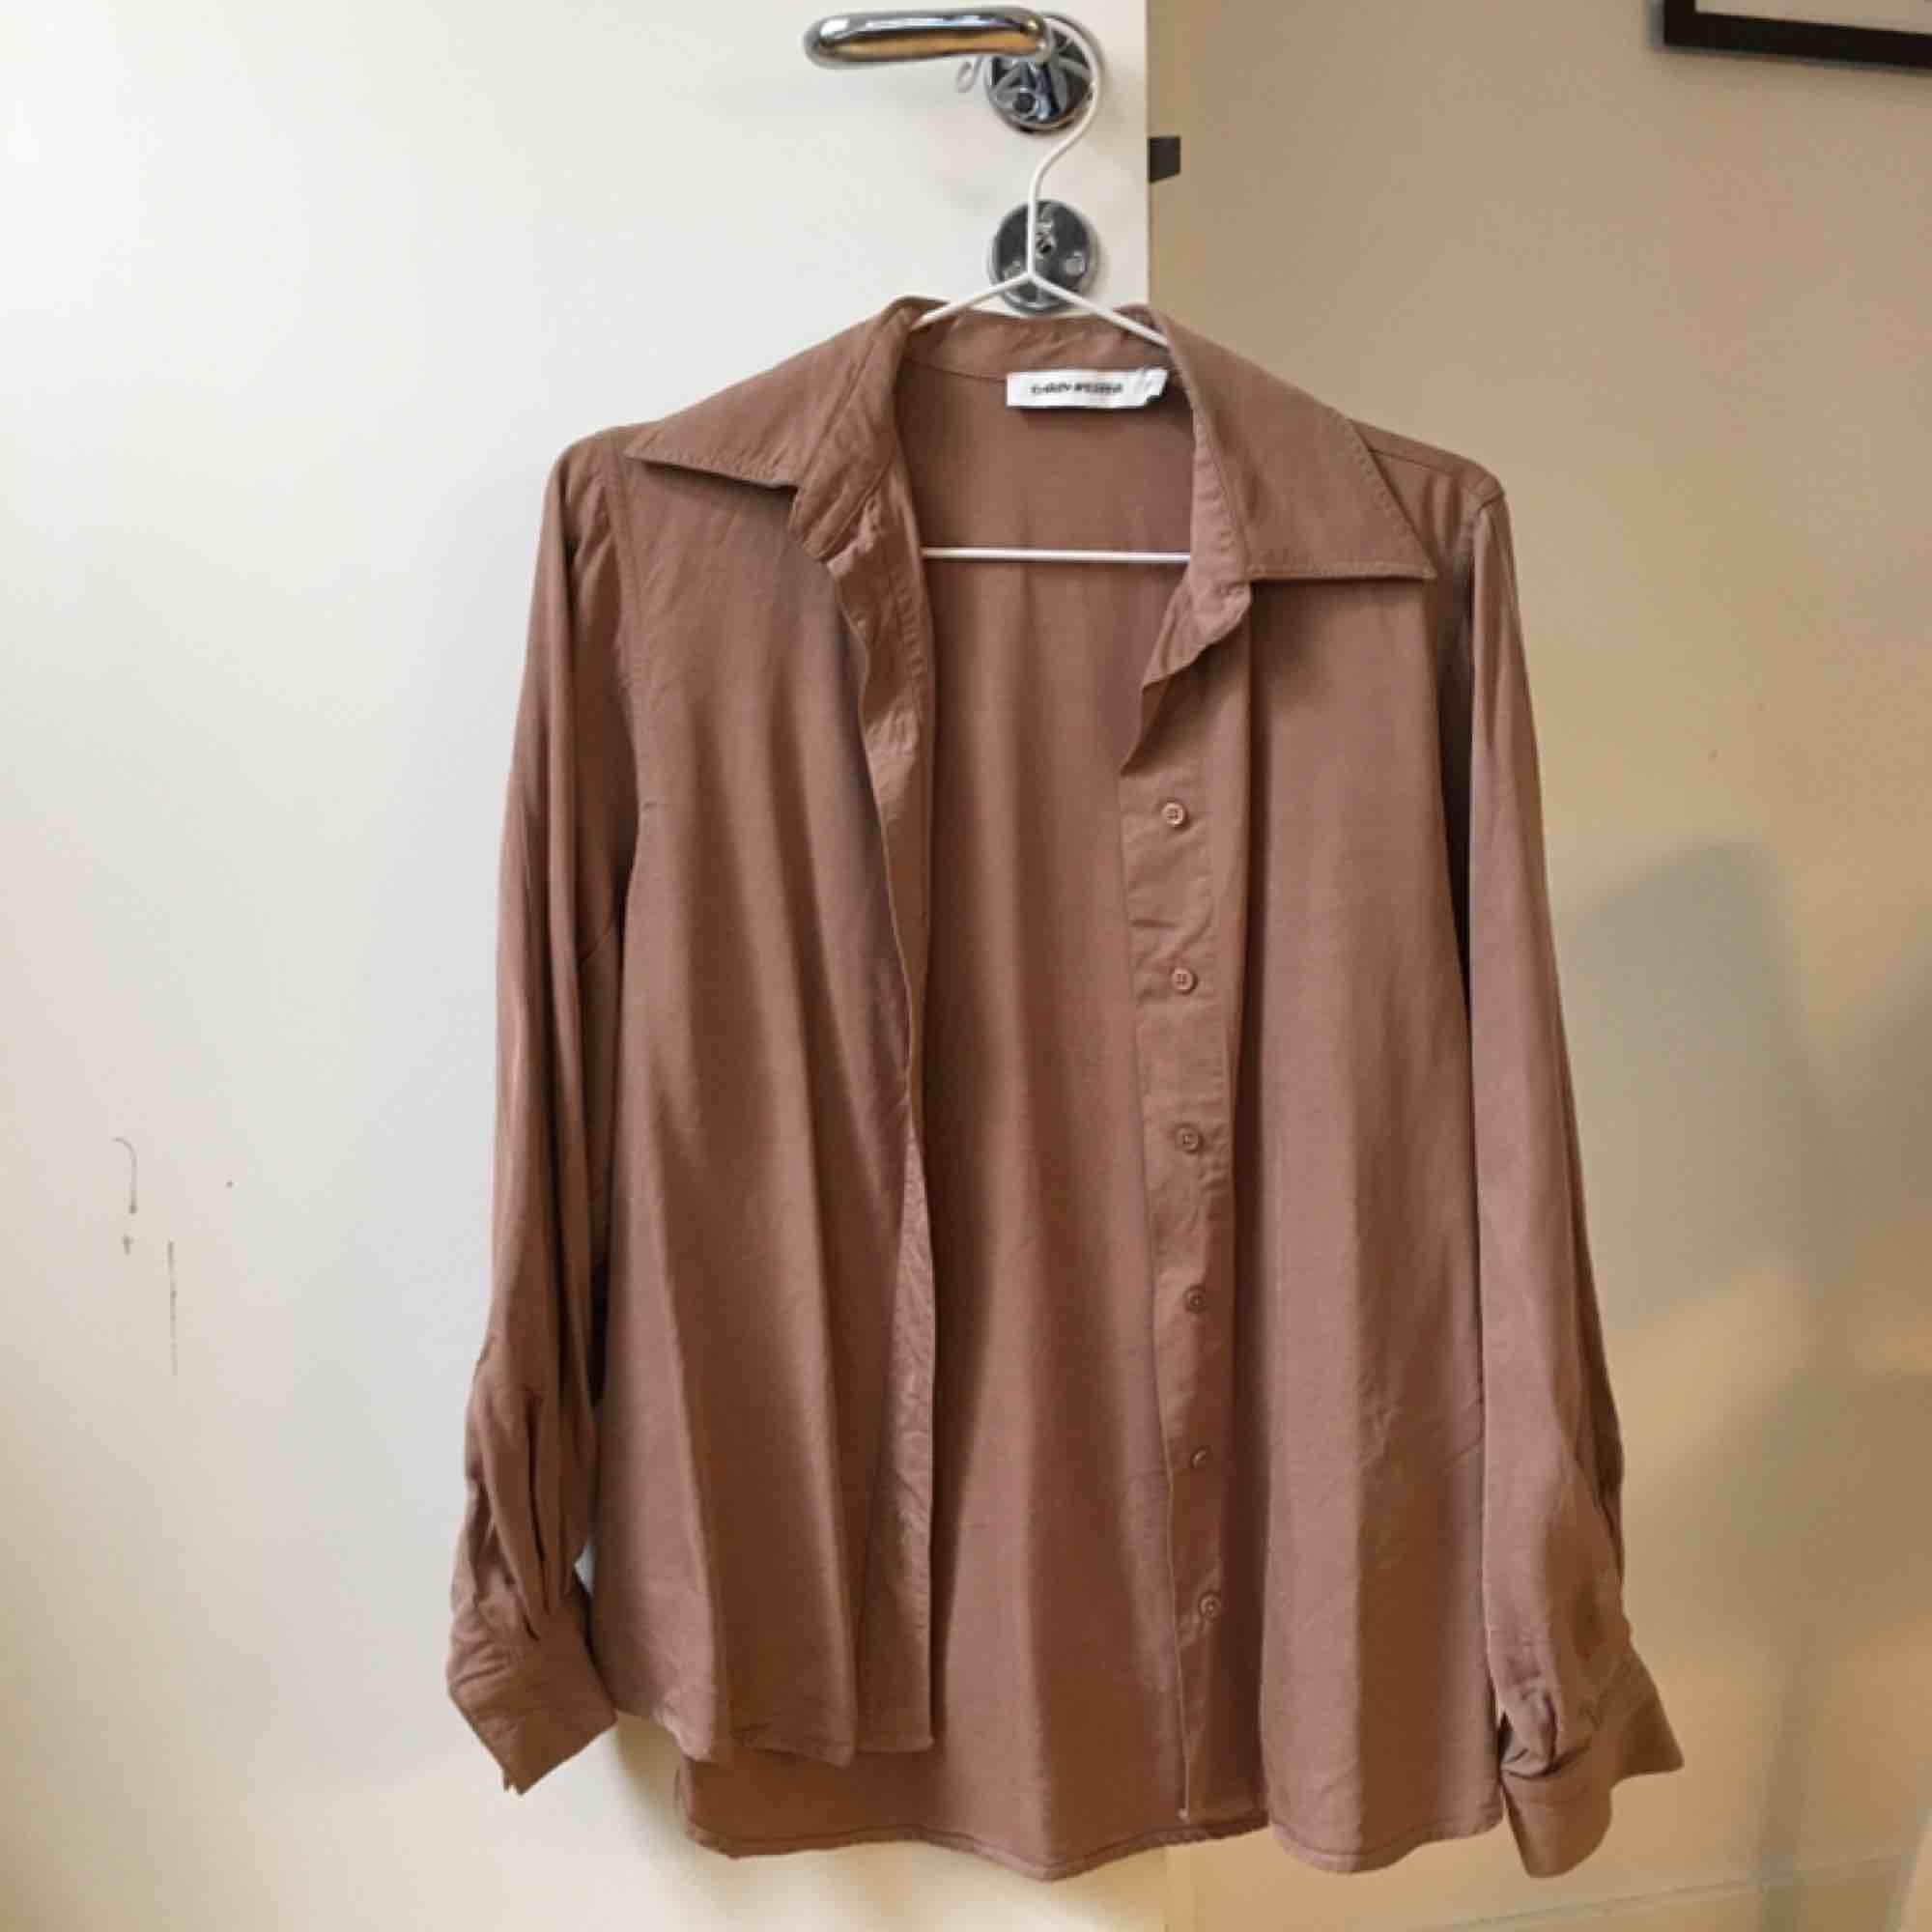 Nyköpt skjorta från Carin Wester i skönt material. Säljes p.g.a. tvättade i för hög temperatur så krympte lite en storlek från 36 till 34. Därmed tyvärr lite försliten för mig. Priset är exkl frakt 🌱. Skjortor.